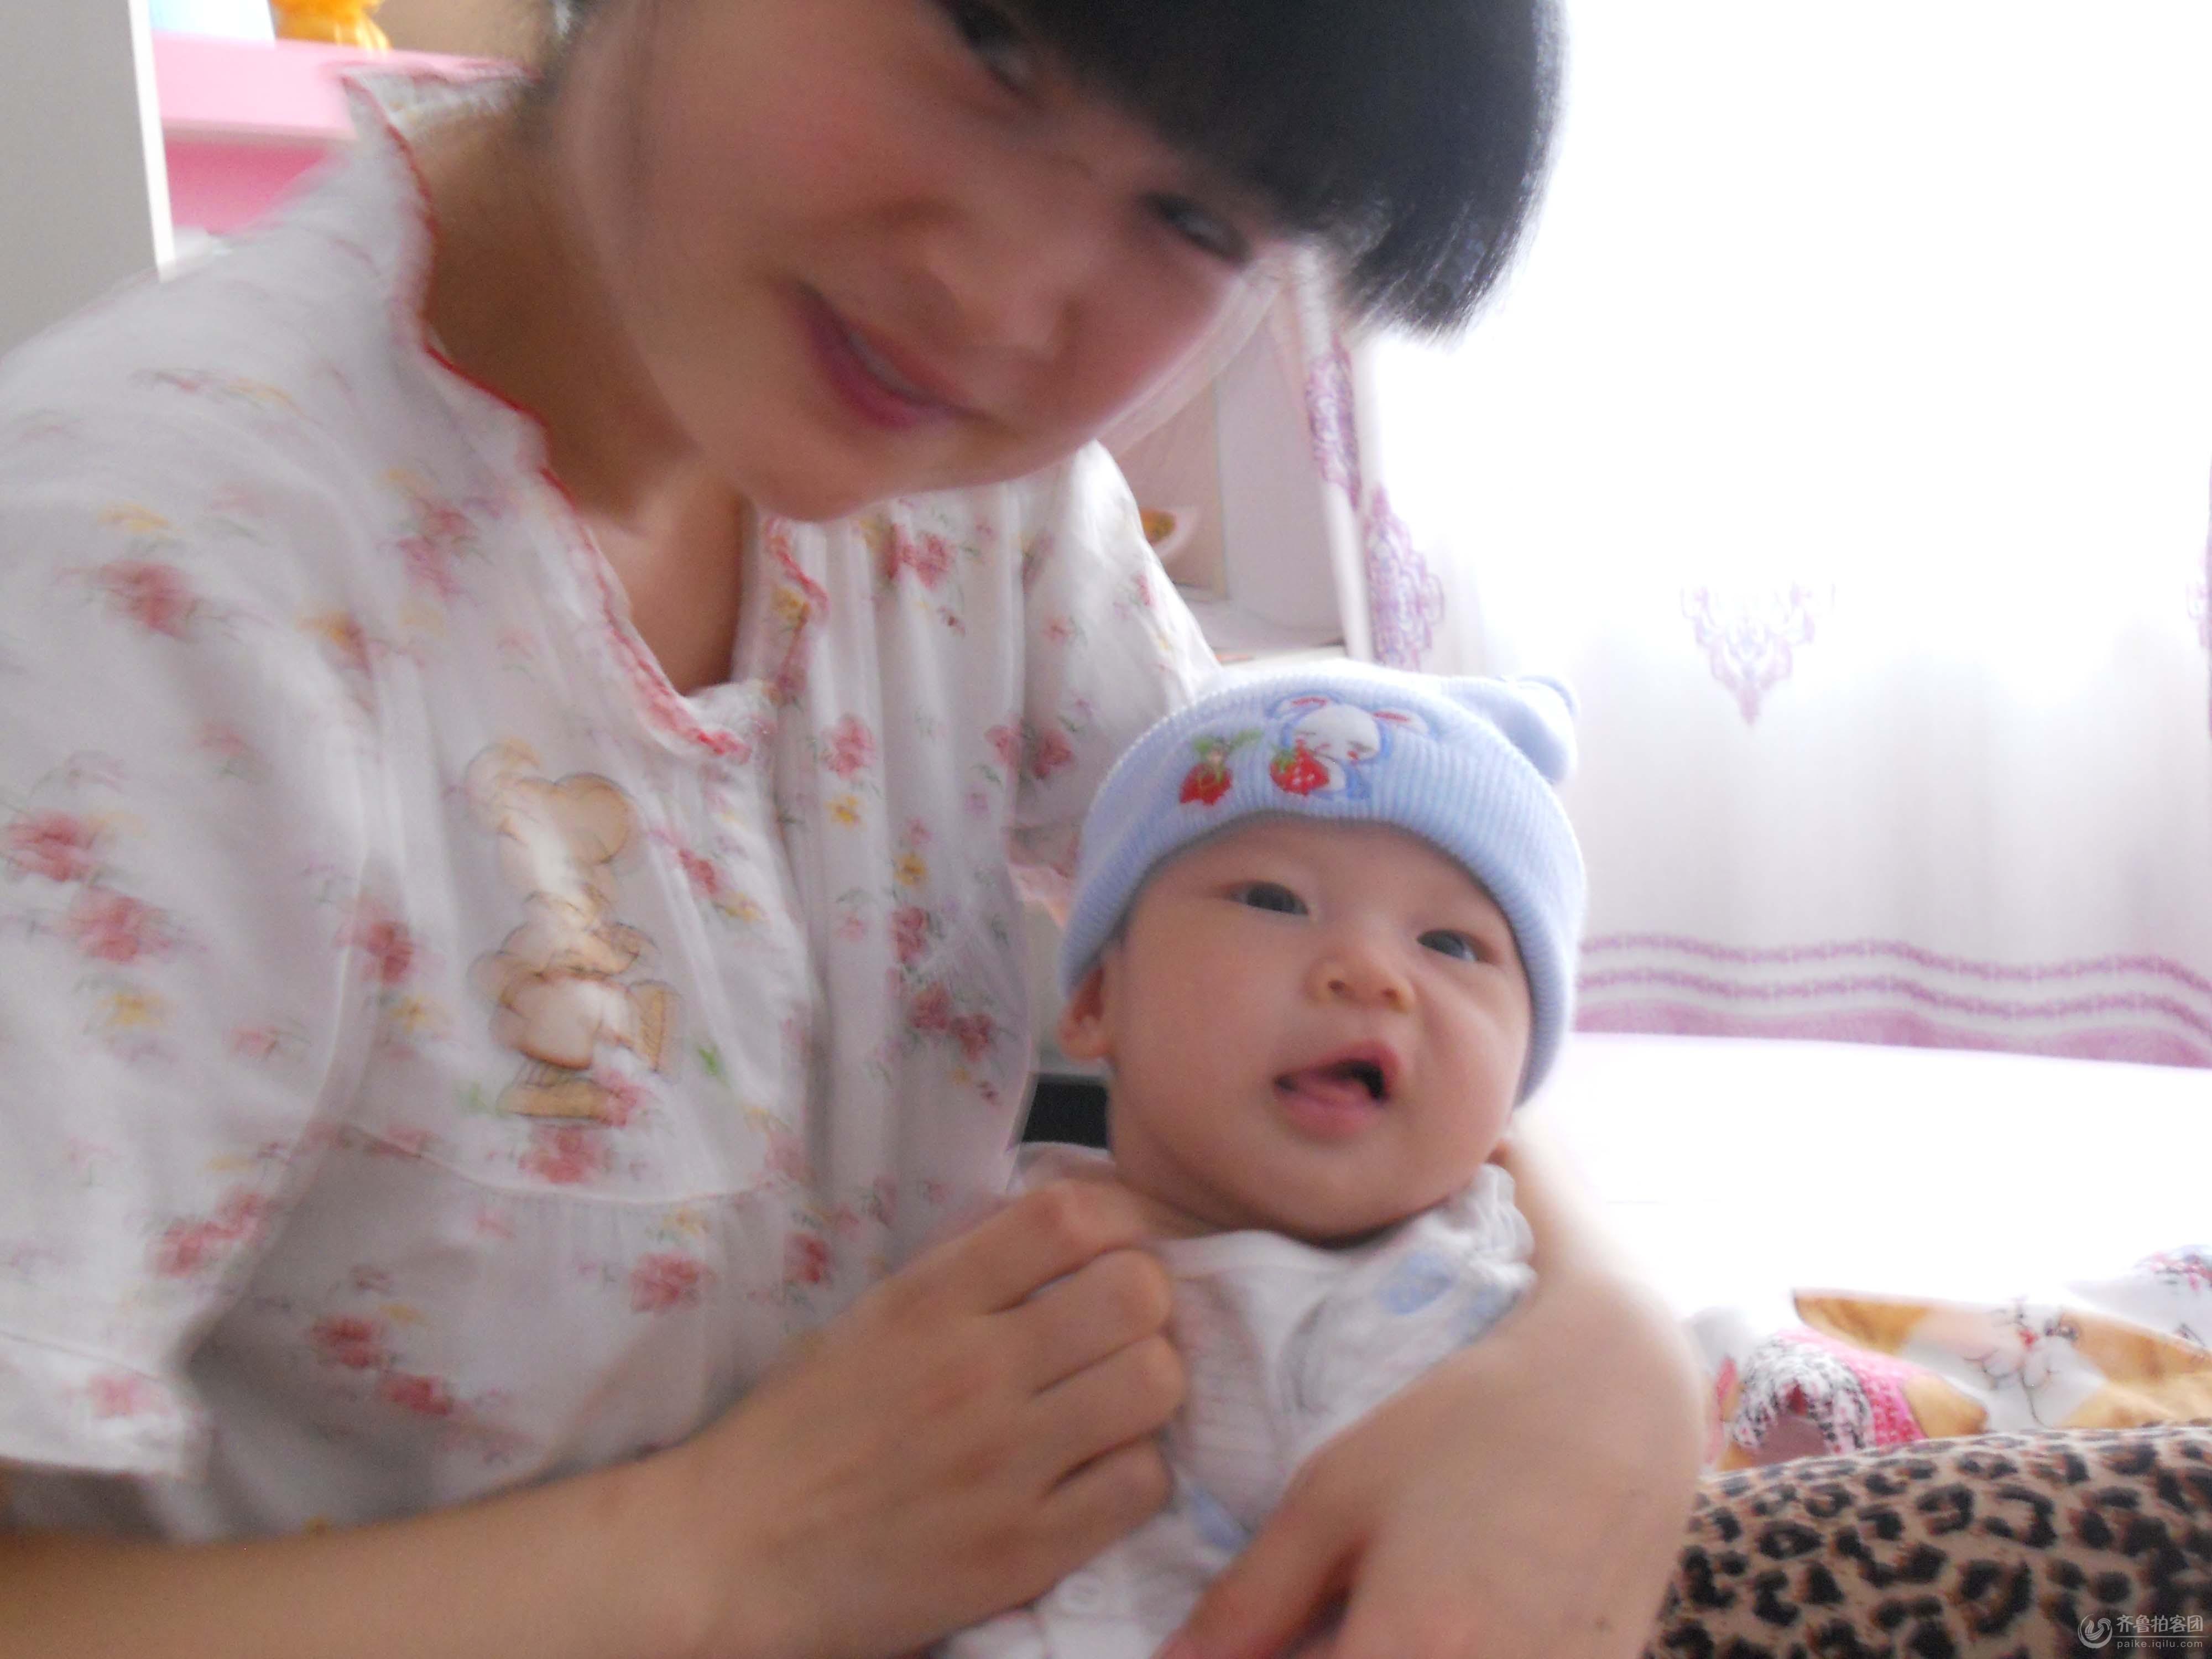 宝宝 壁纸 孩子 小孩 婴儿 4000_3000